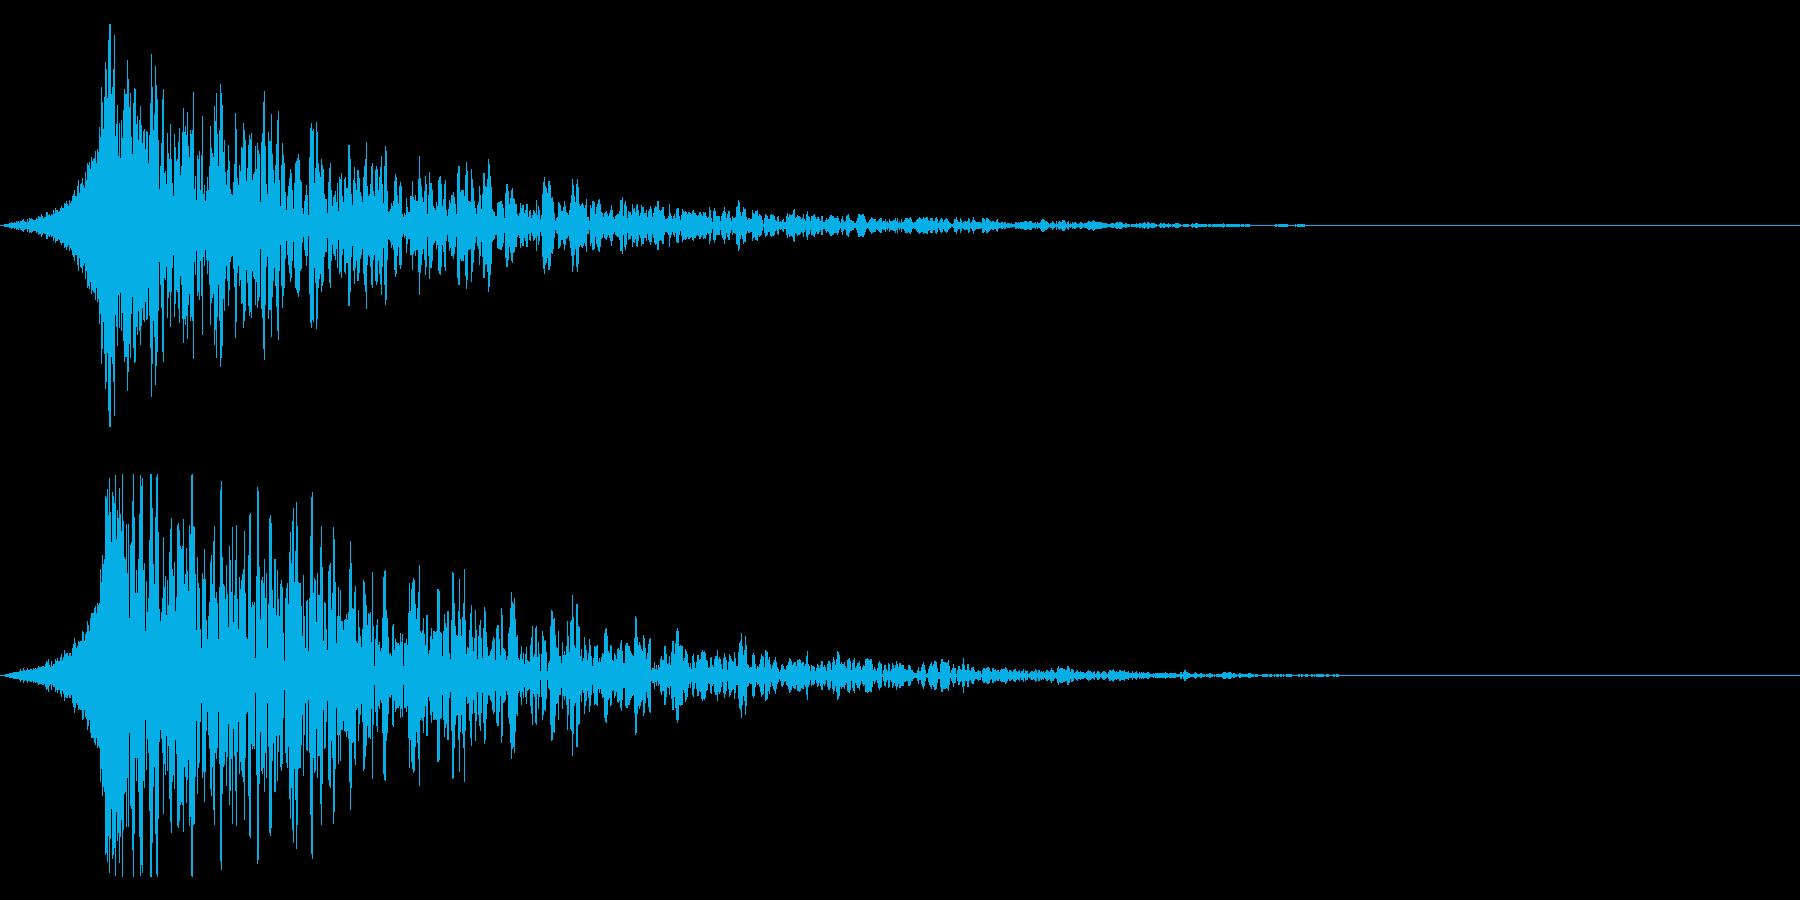 シュードーン-19-3 (インパクト音)の再生済みの波形